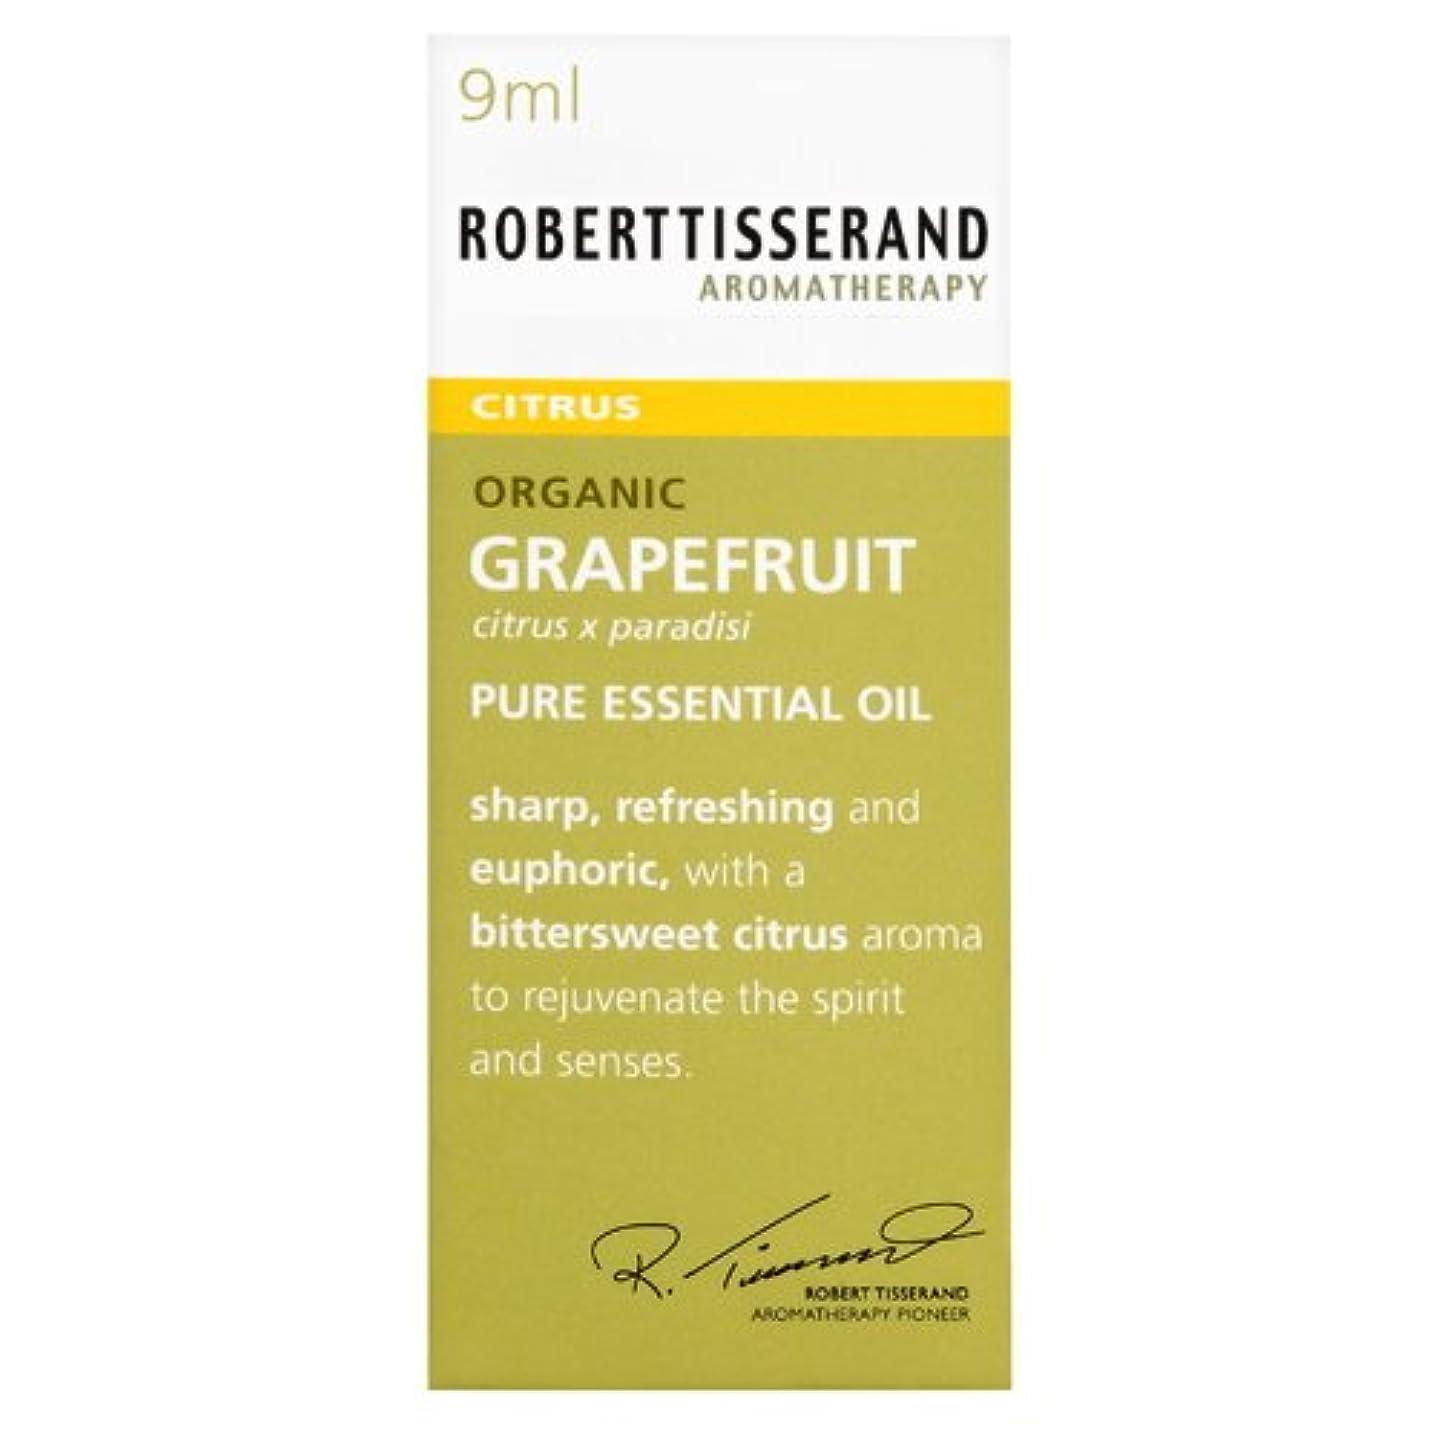 群衆麻酔薬気味の悪いロバートティスランド 英国土壌協会認証 オーガニック グレープフルーツ 9ml